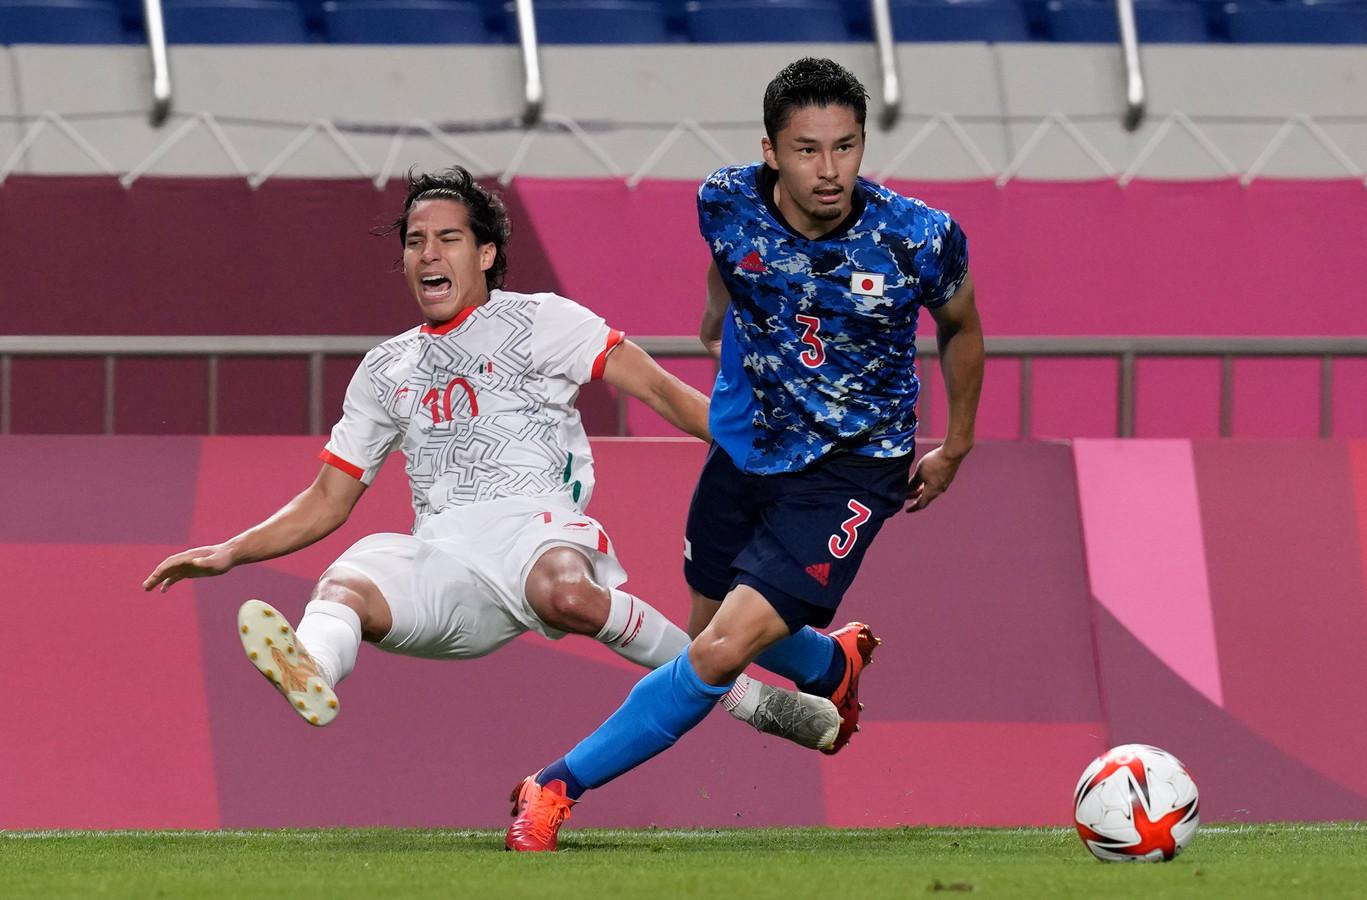 Nakayama toont zich de sterkste in een duel met de Mexicaan Diego Lainez.